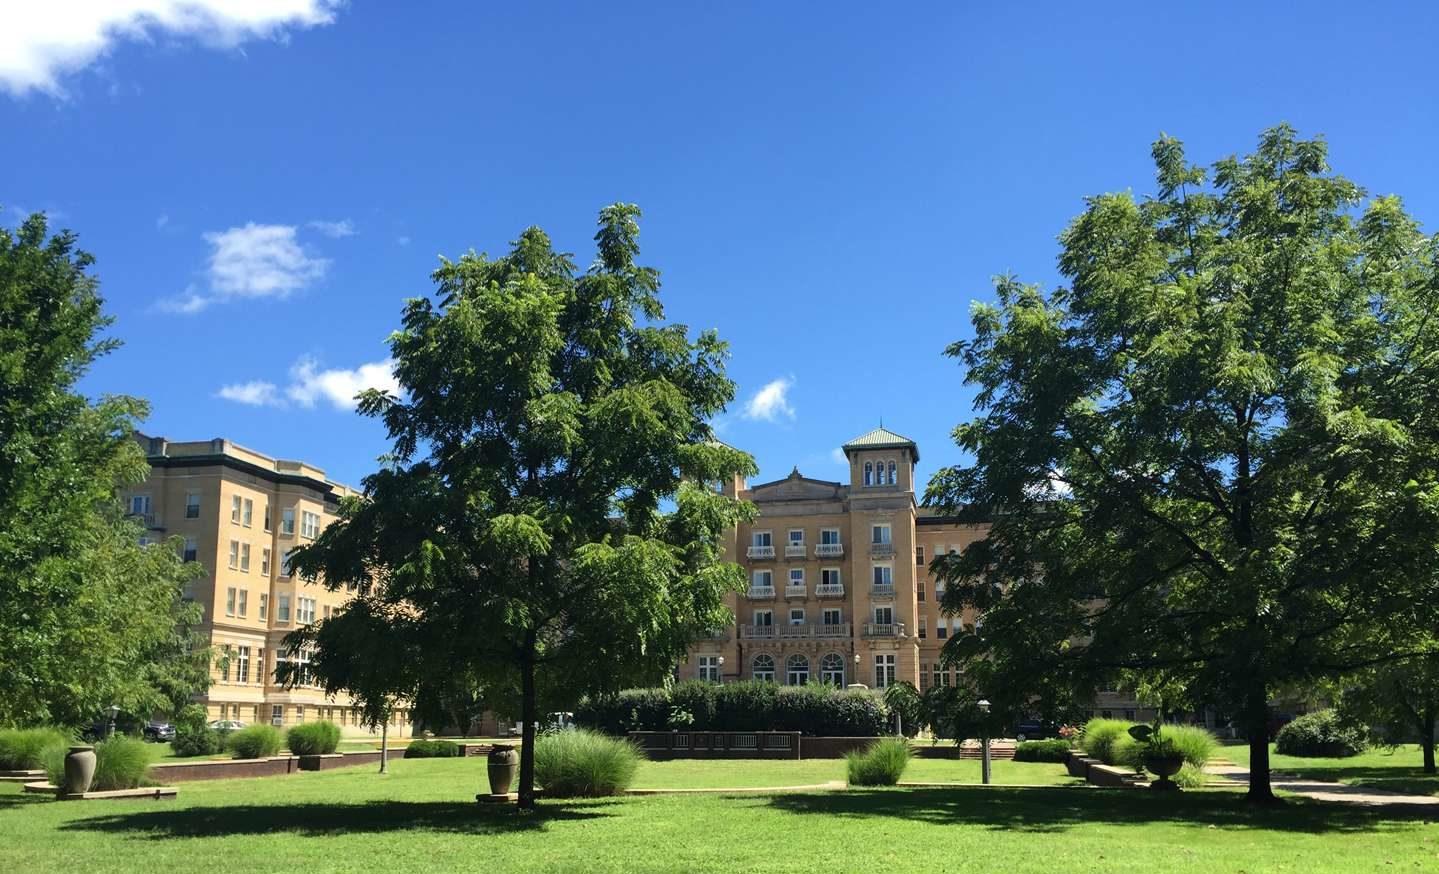 Le Fer Hall - blue sky